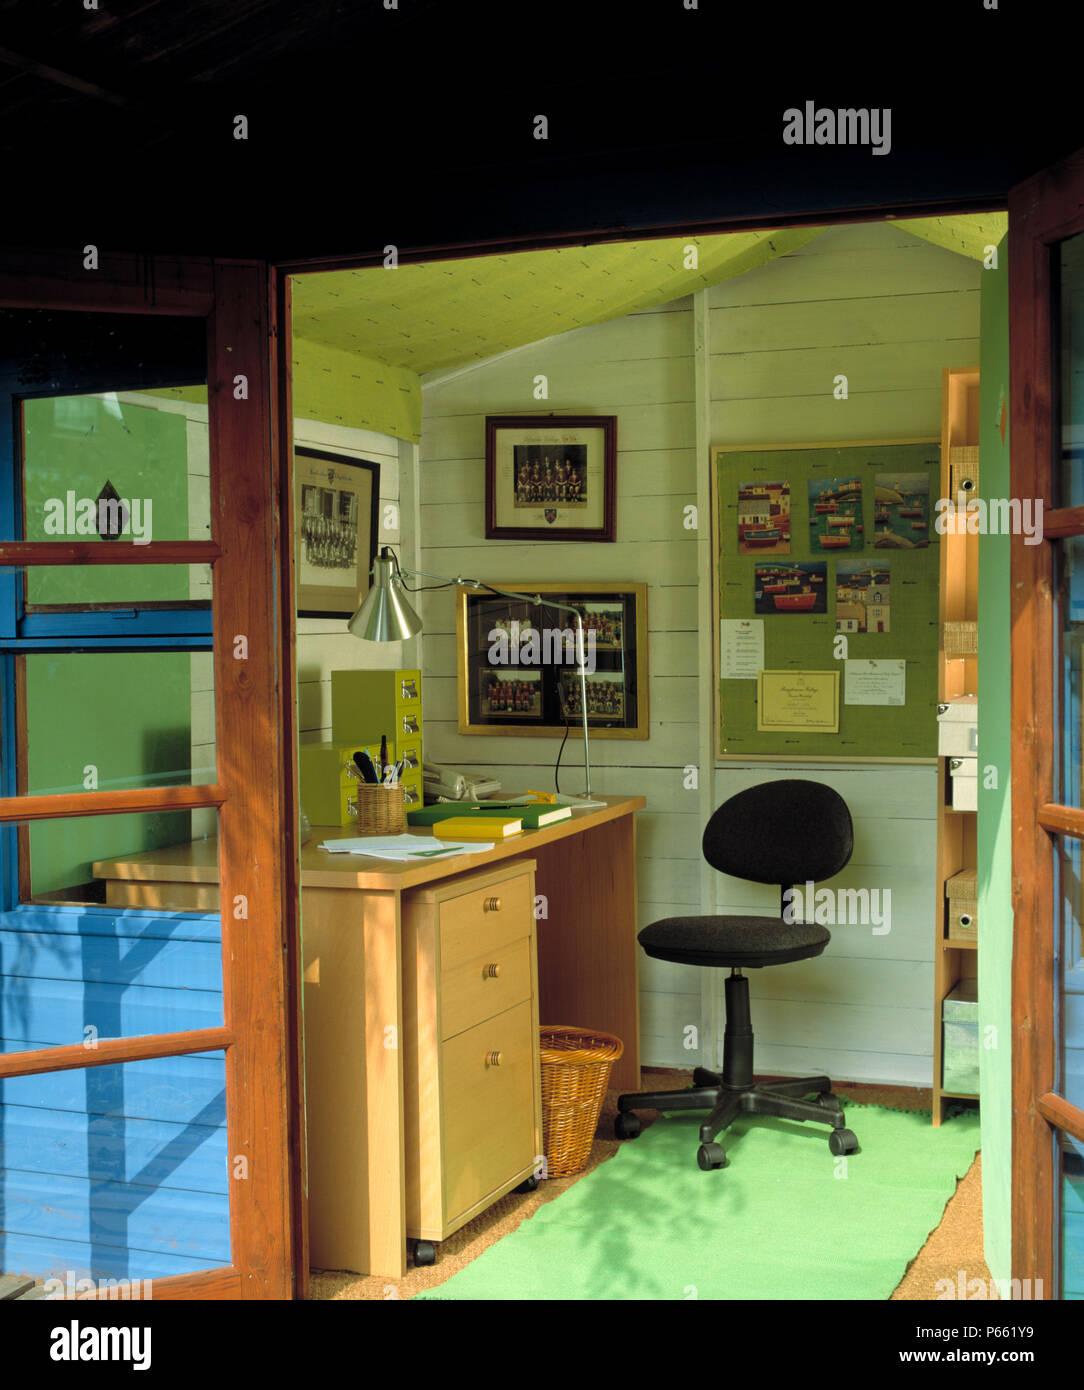 T r offen f r home office im gartenhaus mit drehstuhl am schreibtisch mit lampe aus rostfreiem - Leuchtkasten selber bauen ...